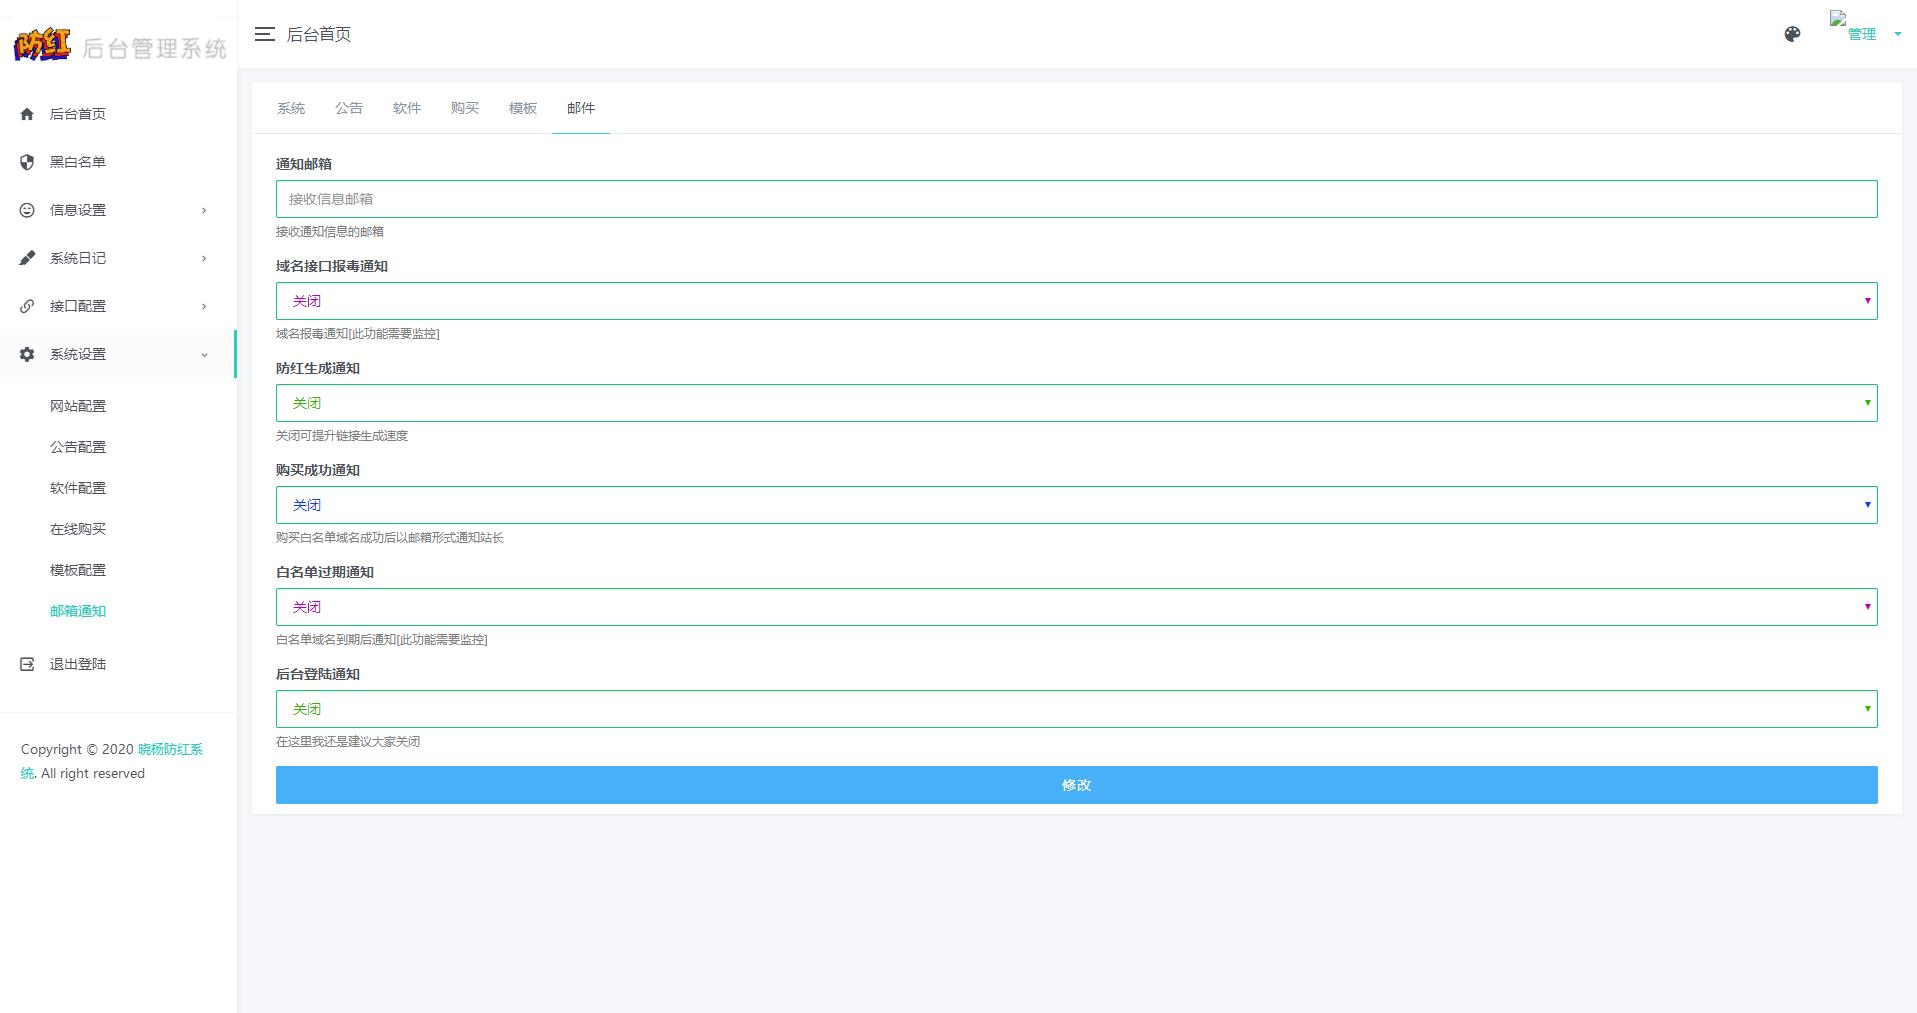 冰狱域名防红系统源码全破译开源系统插图6